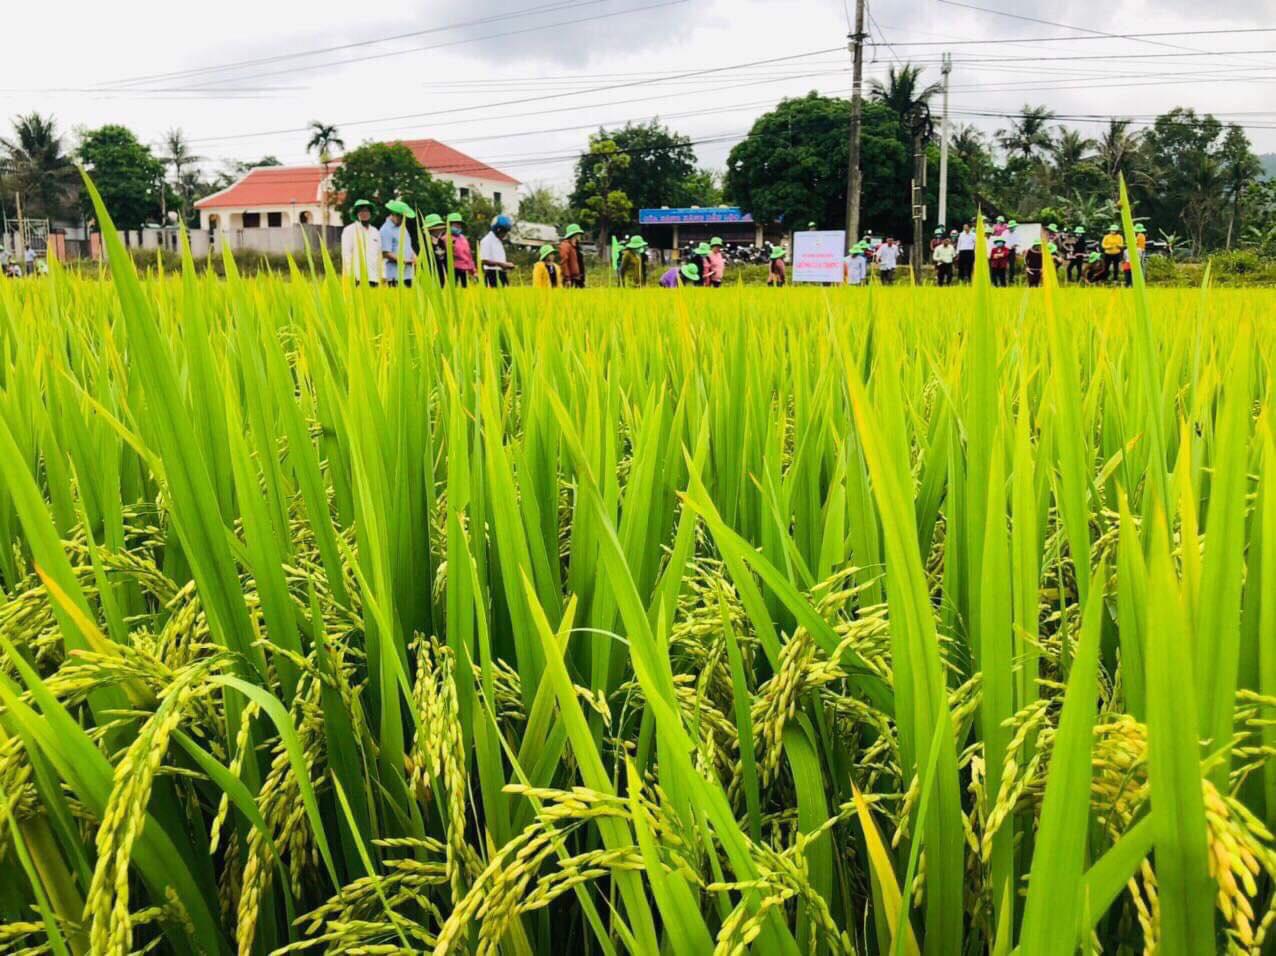 Quảng Nam: Nông dân thích thú giống lúa TBR97 với những ưu điểm vượt trội - Ảnh 1.